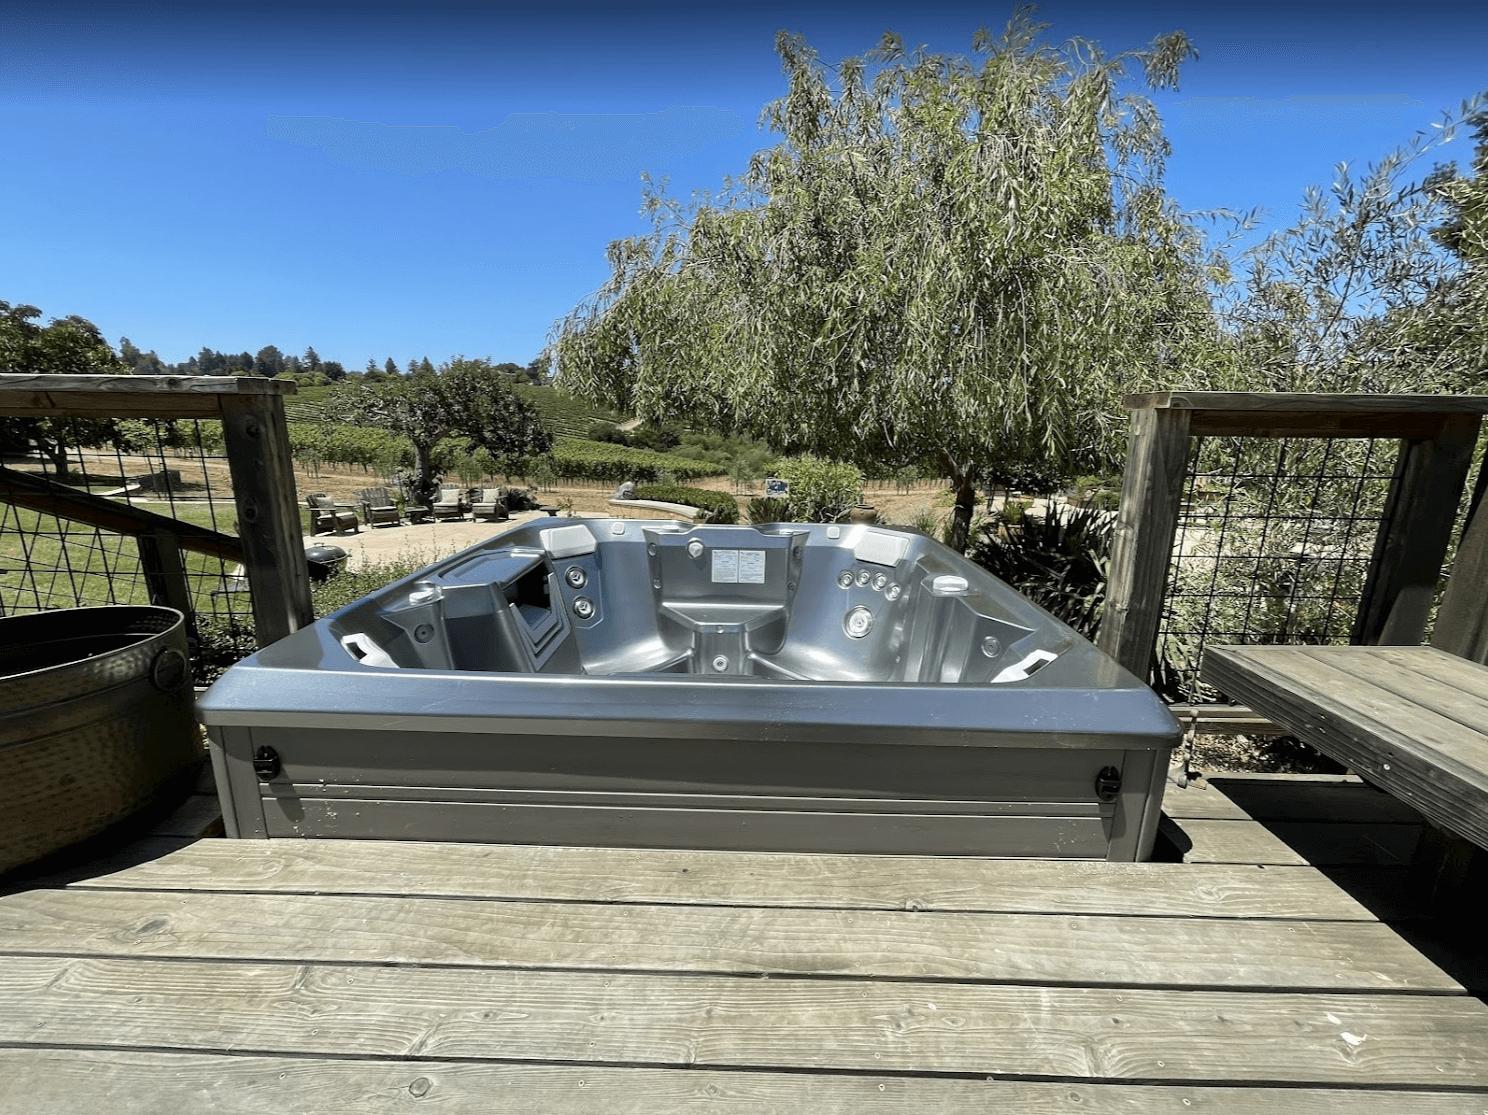 santa-rosa-hot-tubs